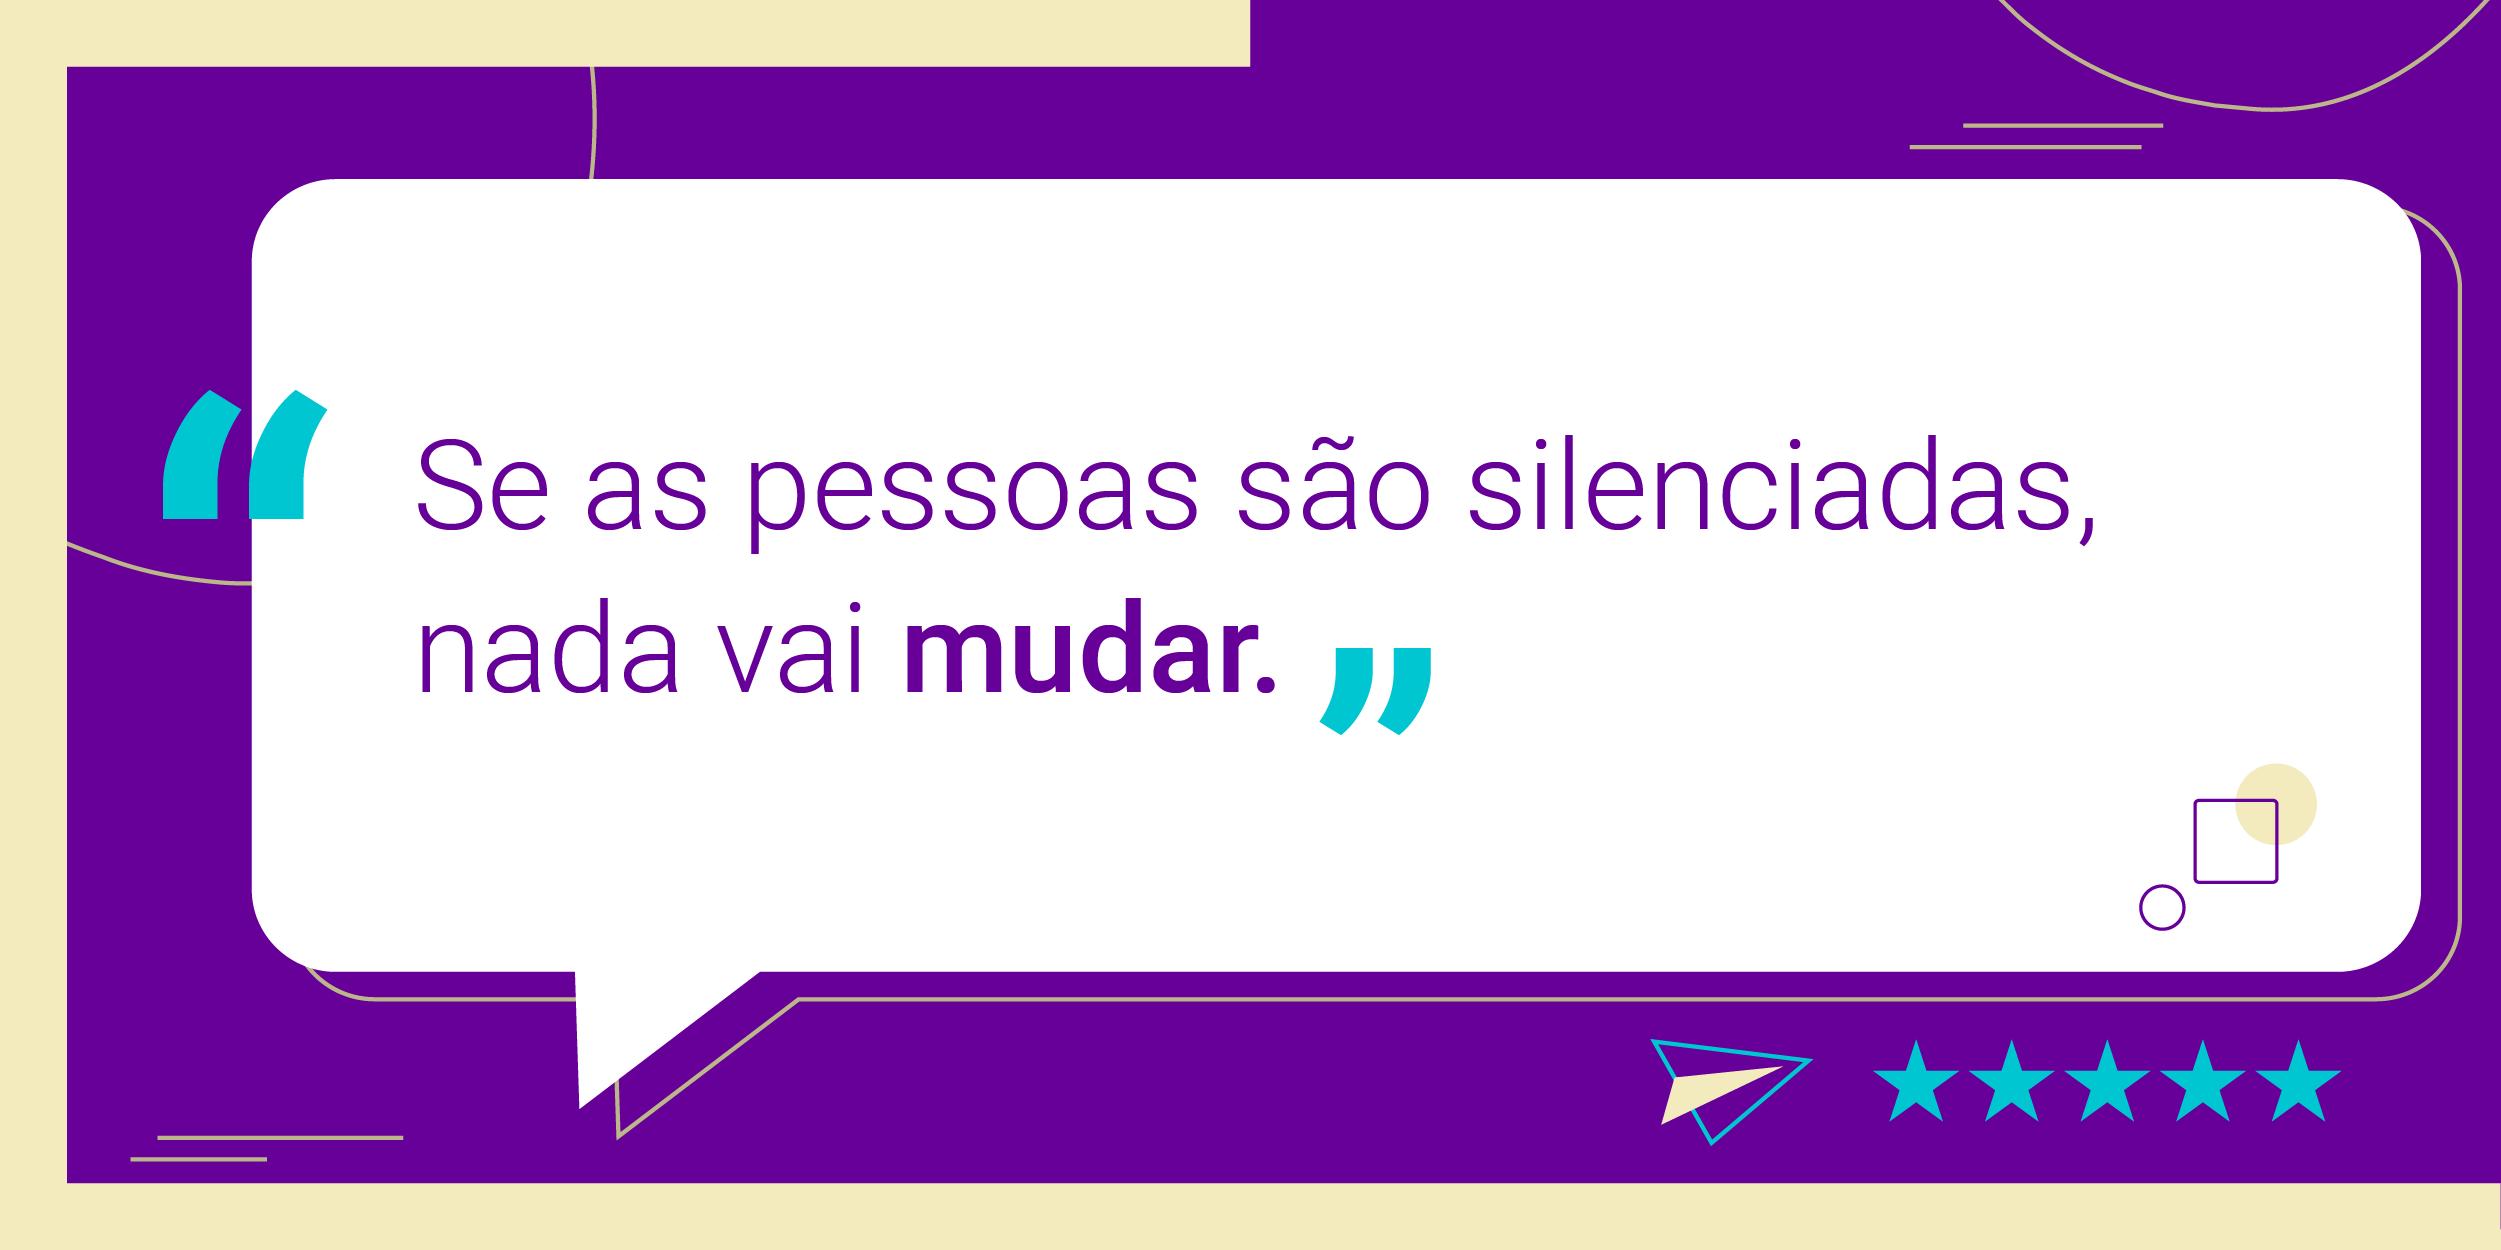 """Imagem com a frase """"Se as pessoas são silenciadas, nada vai mudar."""